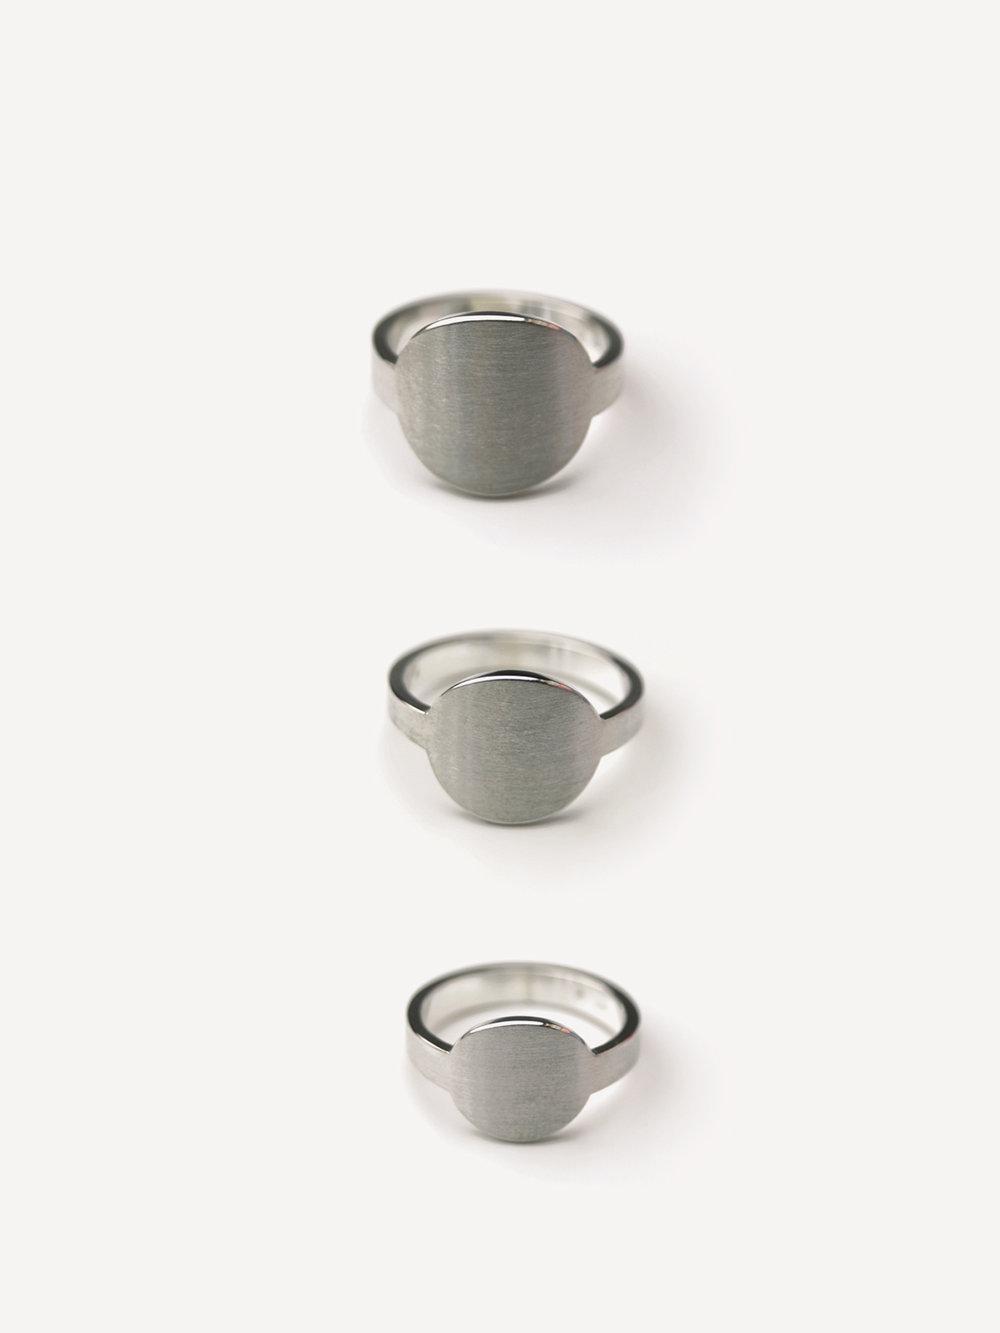 Übersicht Siegelringe in rund in 925 Silber/ Summary ring round in sterling silver